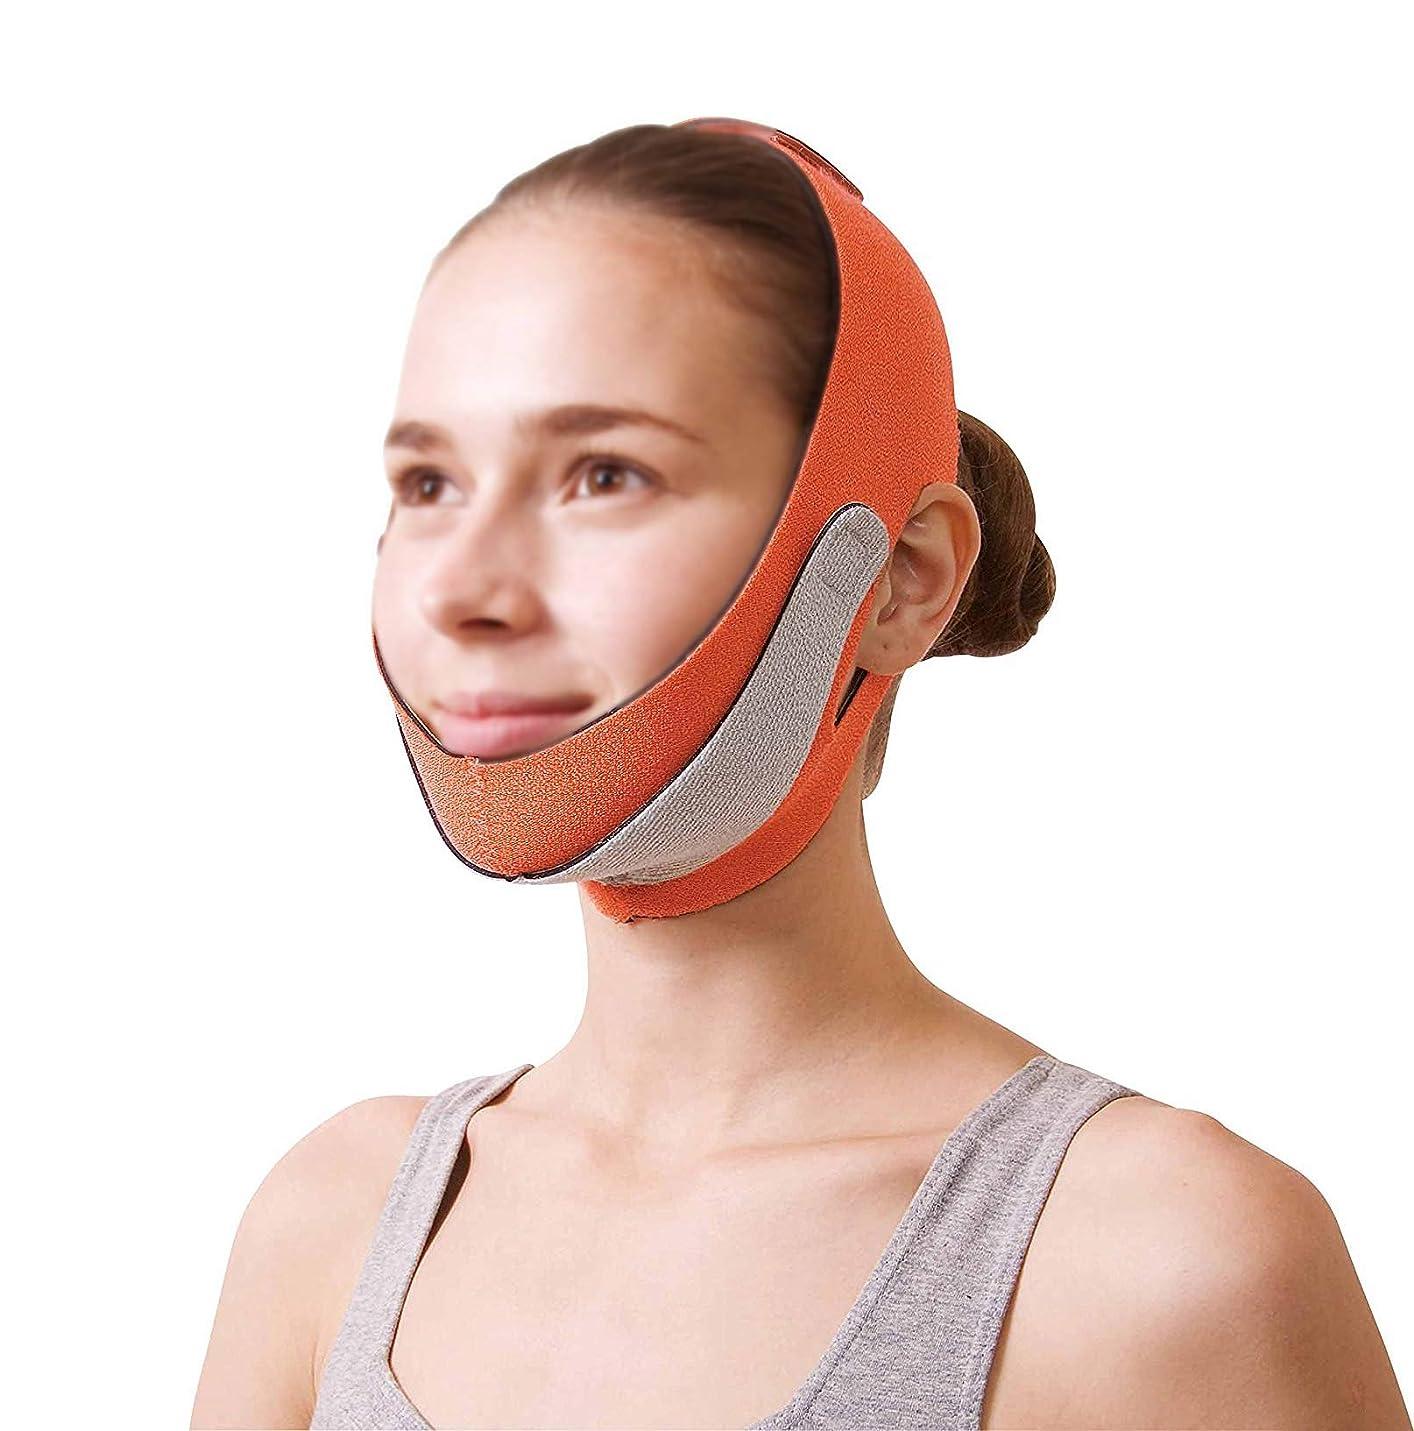 重力薬剤師可塑性TLMY 薄いフェイスマスクあごストラップ回復パッチ包帯ヘッドマスクフェイシャルマスクフェイシャルマスクアーティファクト美容フェイシャルとネックリフトオレンジマスク 顔用整形マスク